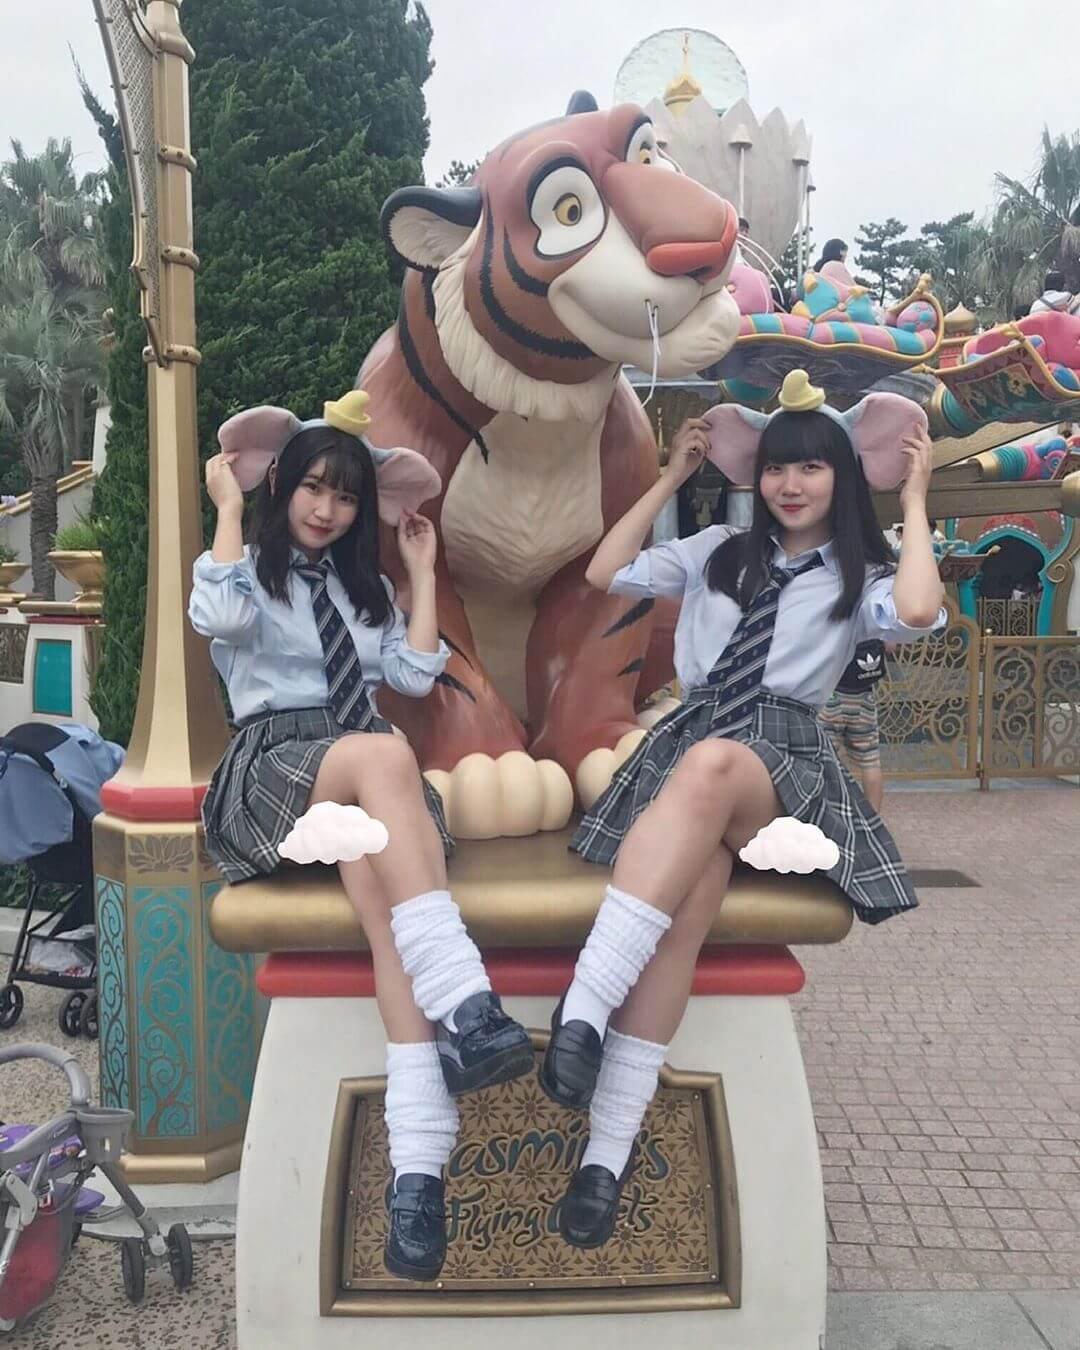 【画像】女子高生のスケベが拝めるTDLスポット